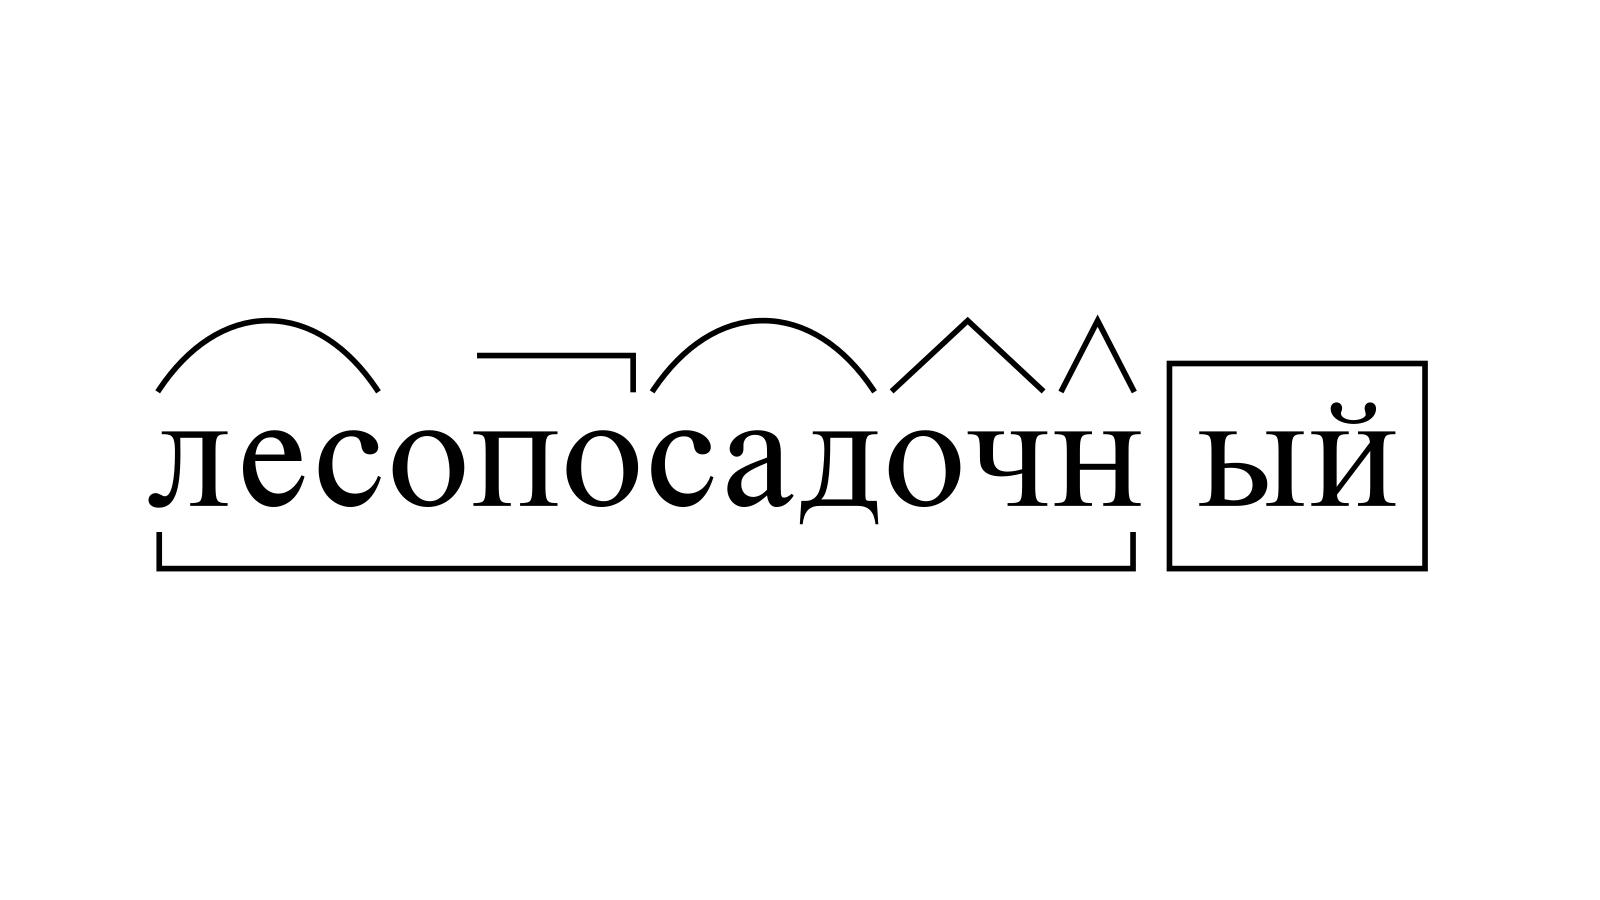 Разбор слова «лесопосадочный» по составу